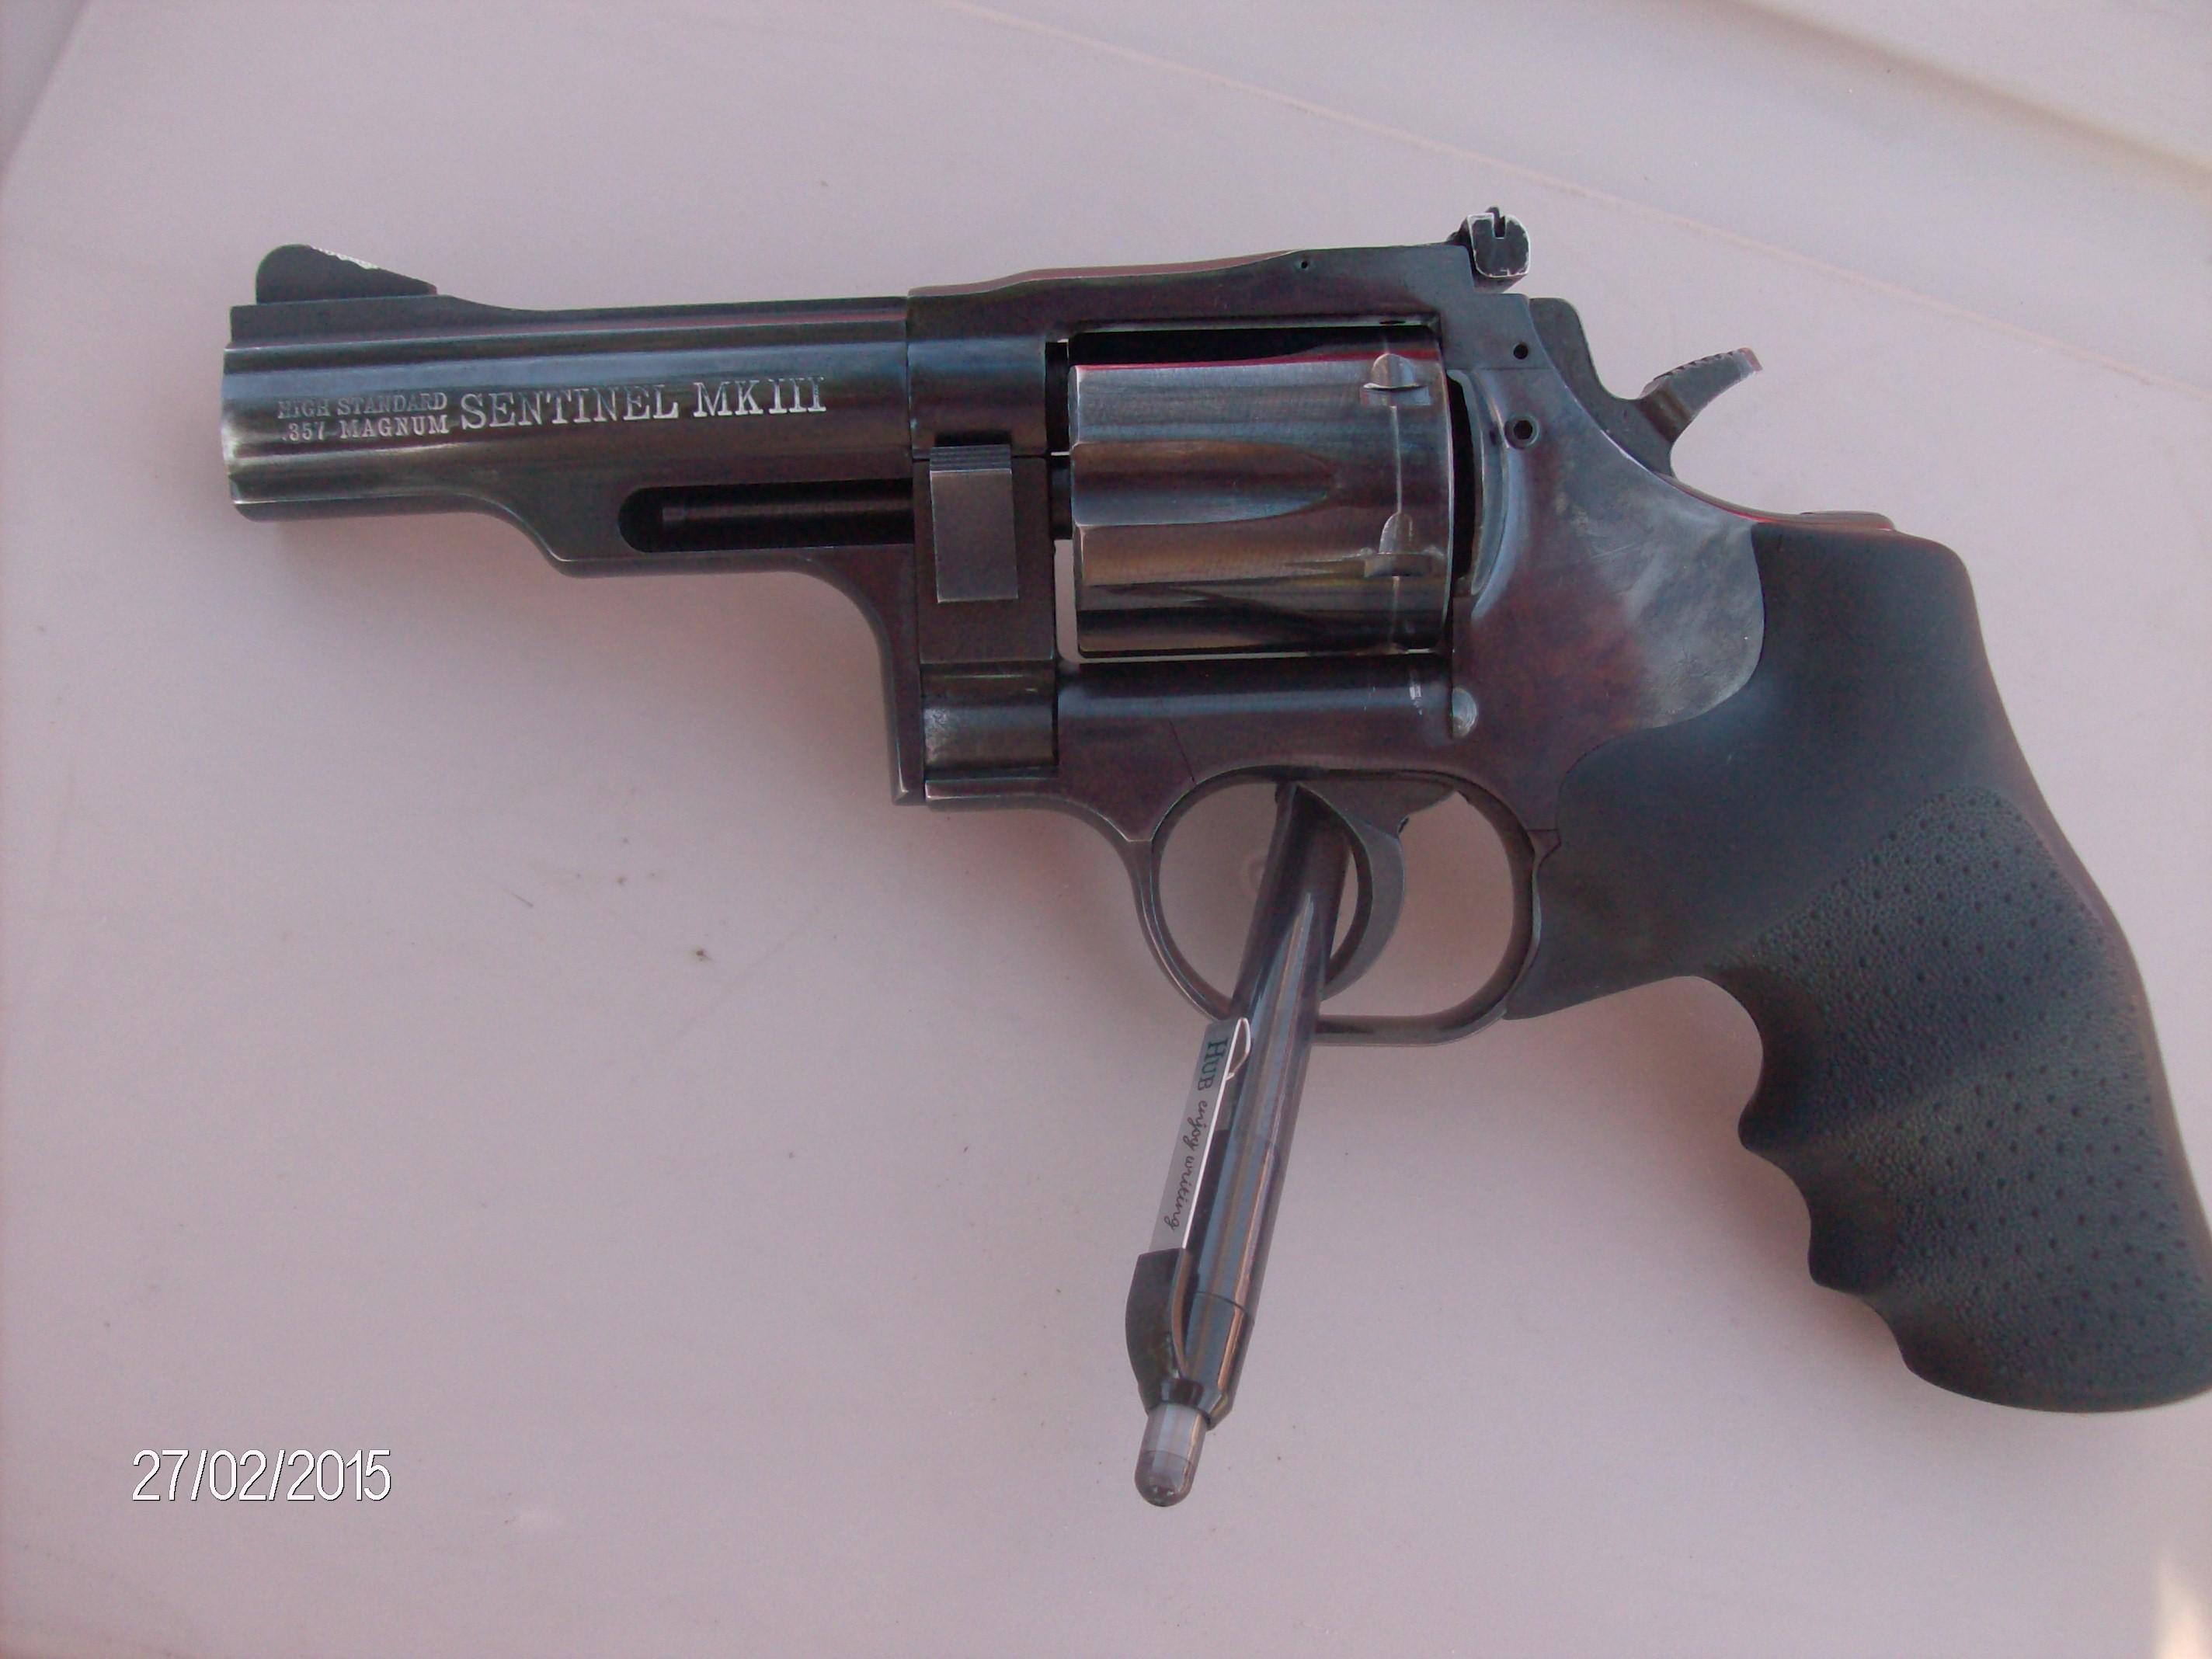 HPIM1580.JPG